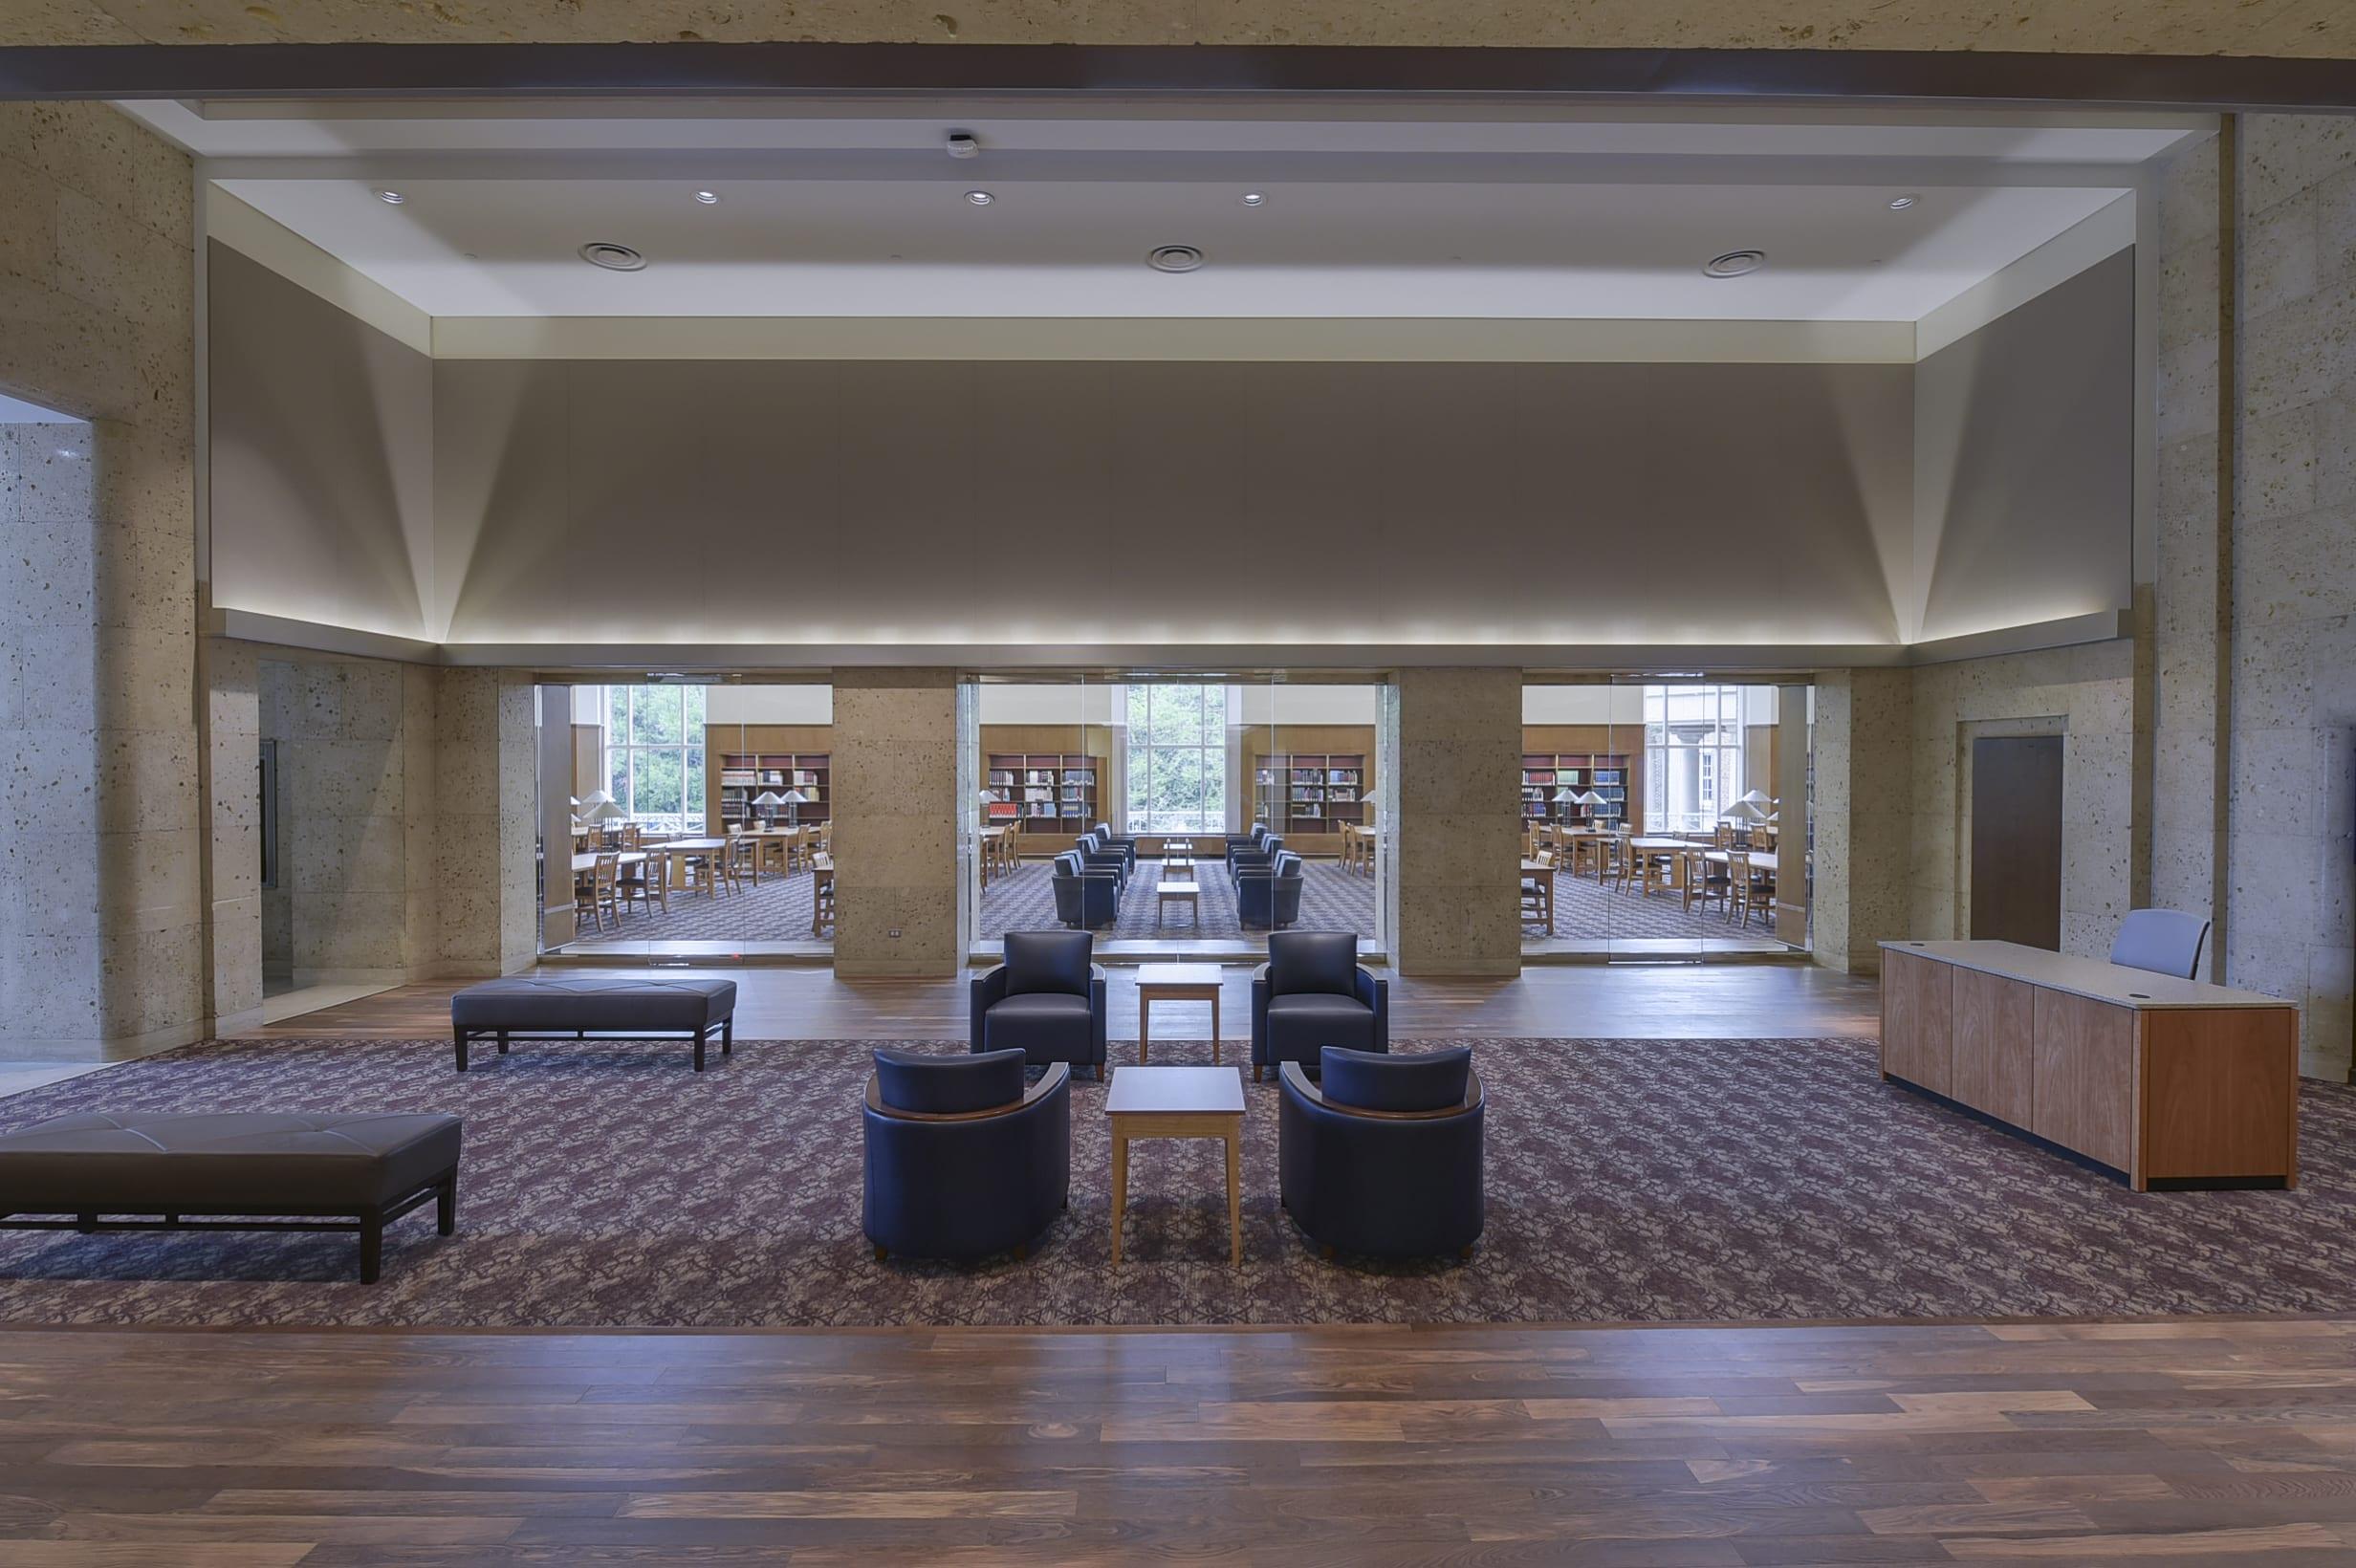 Open Foyer University : Fondren centennial reading room now open central